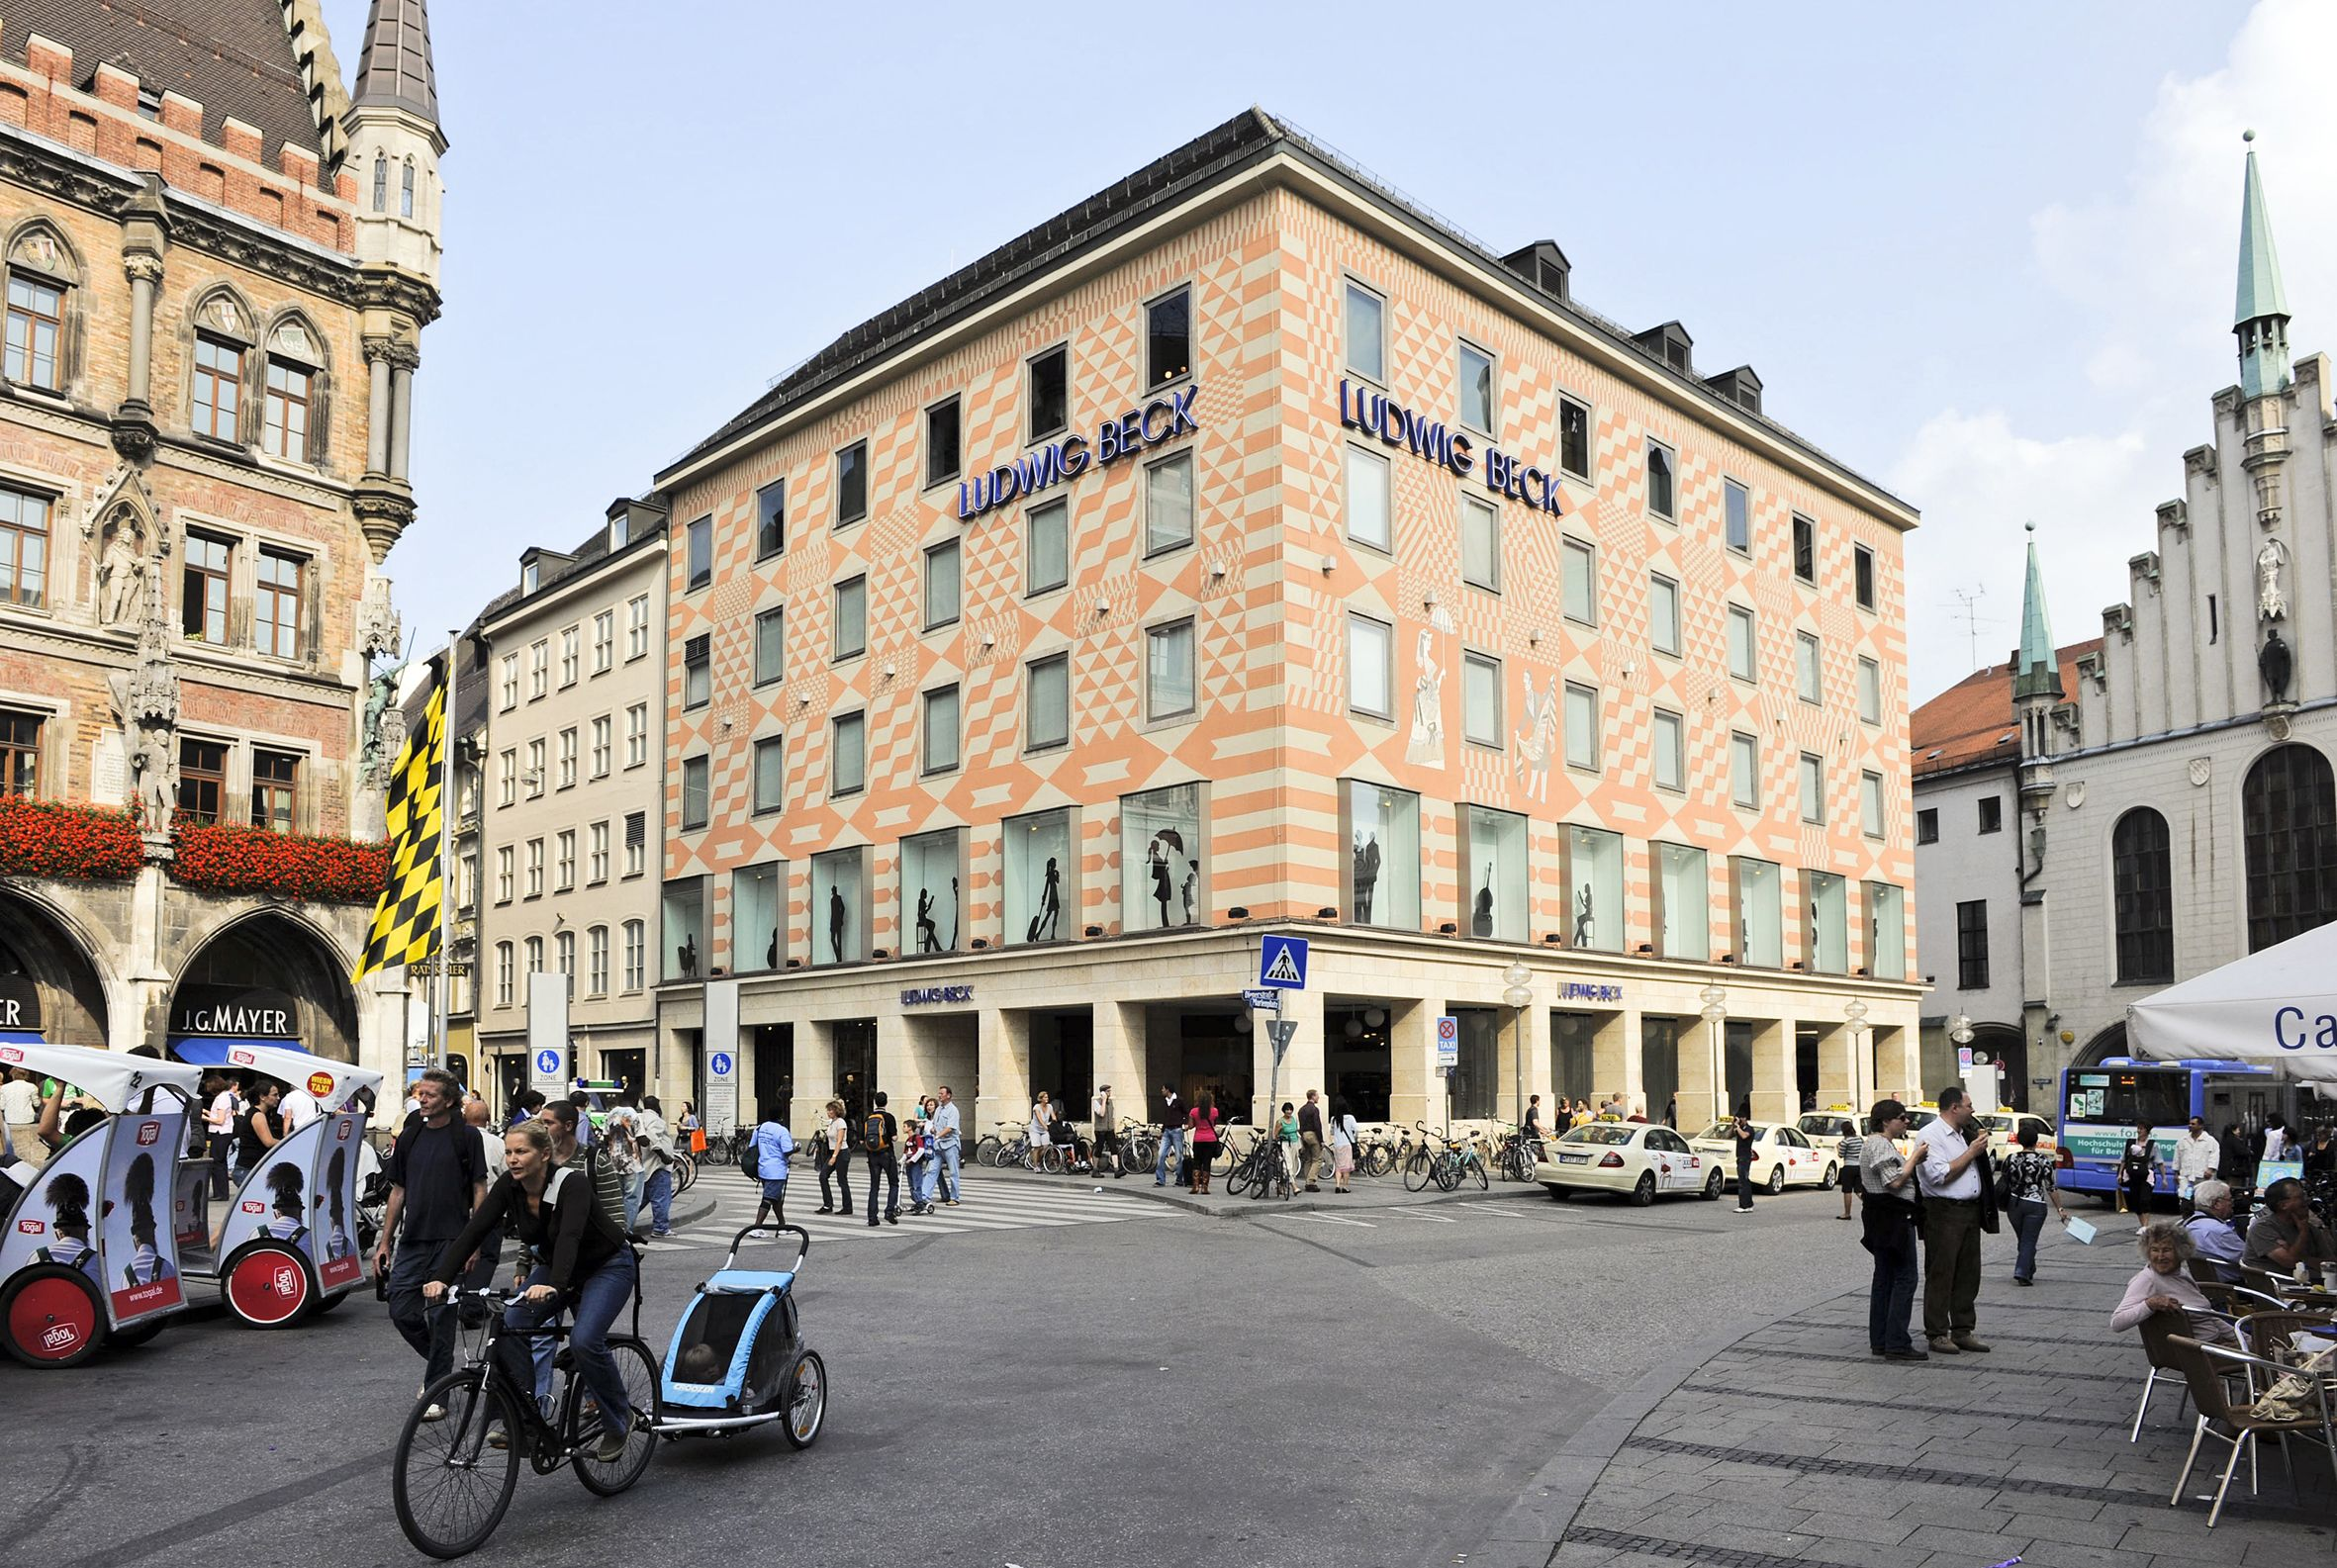 Ludwig Beck 2011 Verkehrsberuhigte Zone Zum Flanieren Das Kaufhaus Der Sinne Am Marienplatz Mode Online Kaufen Kaufhaus Wolle Kaufen